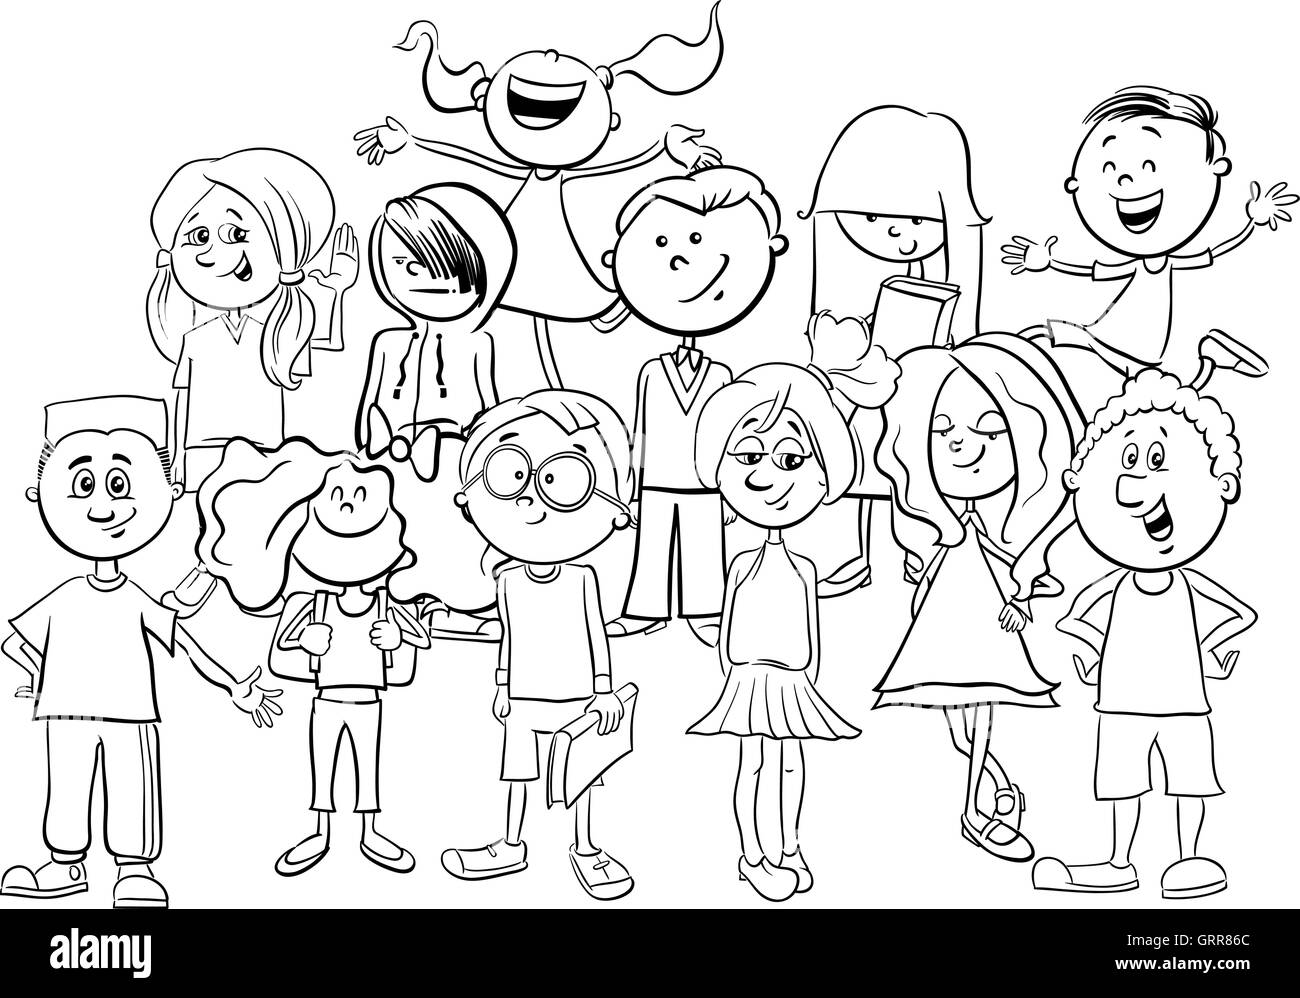 Schwarz / Weiß Cartoon Illustration der Grundschulkinder oder ...